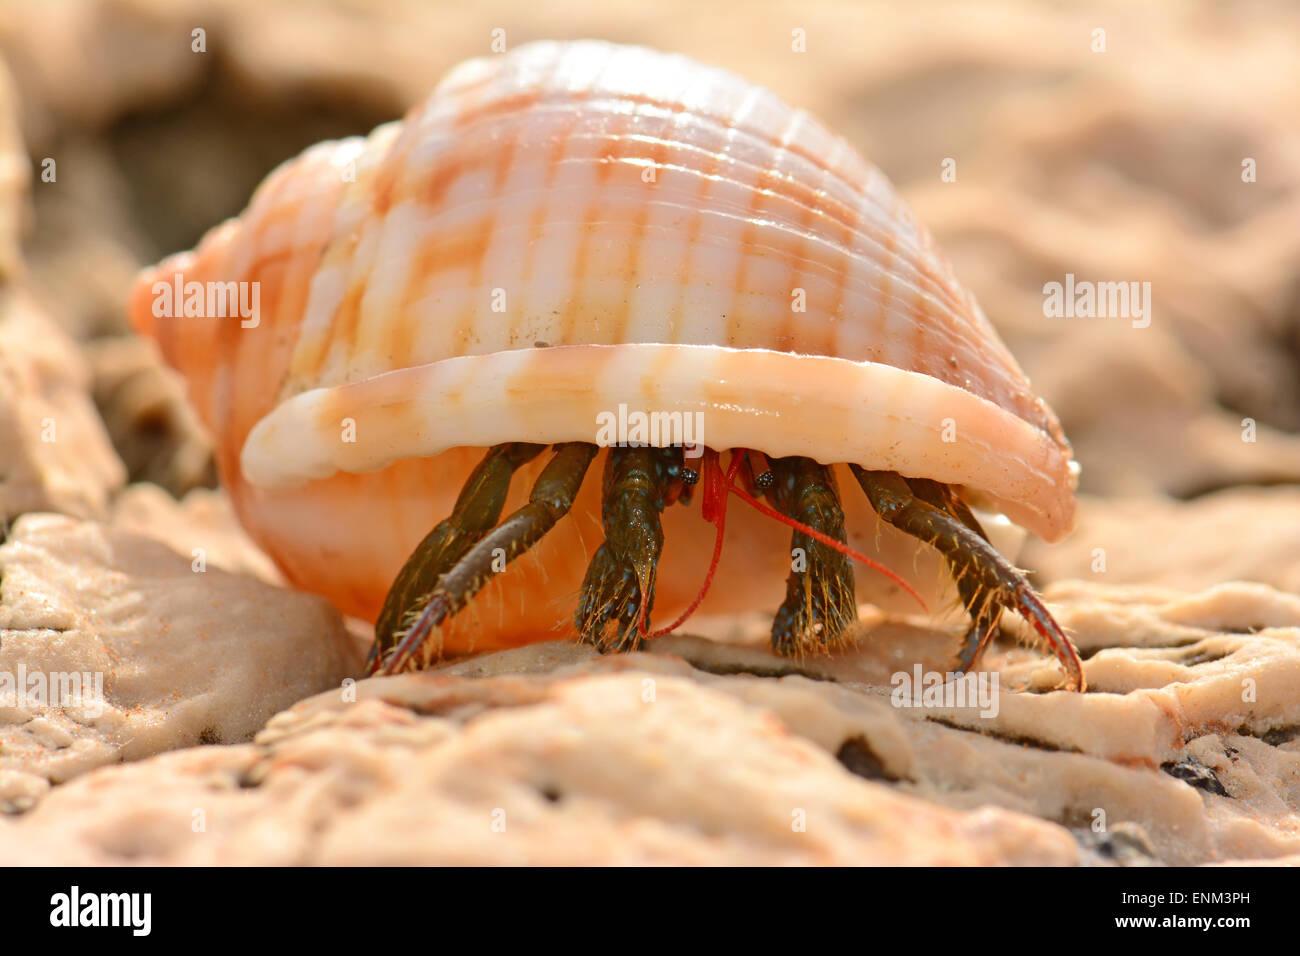 hermit crab walking - Stock Image